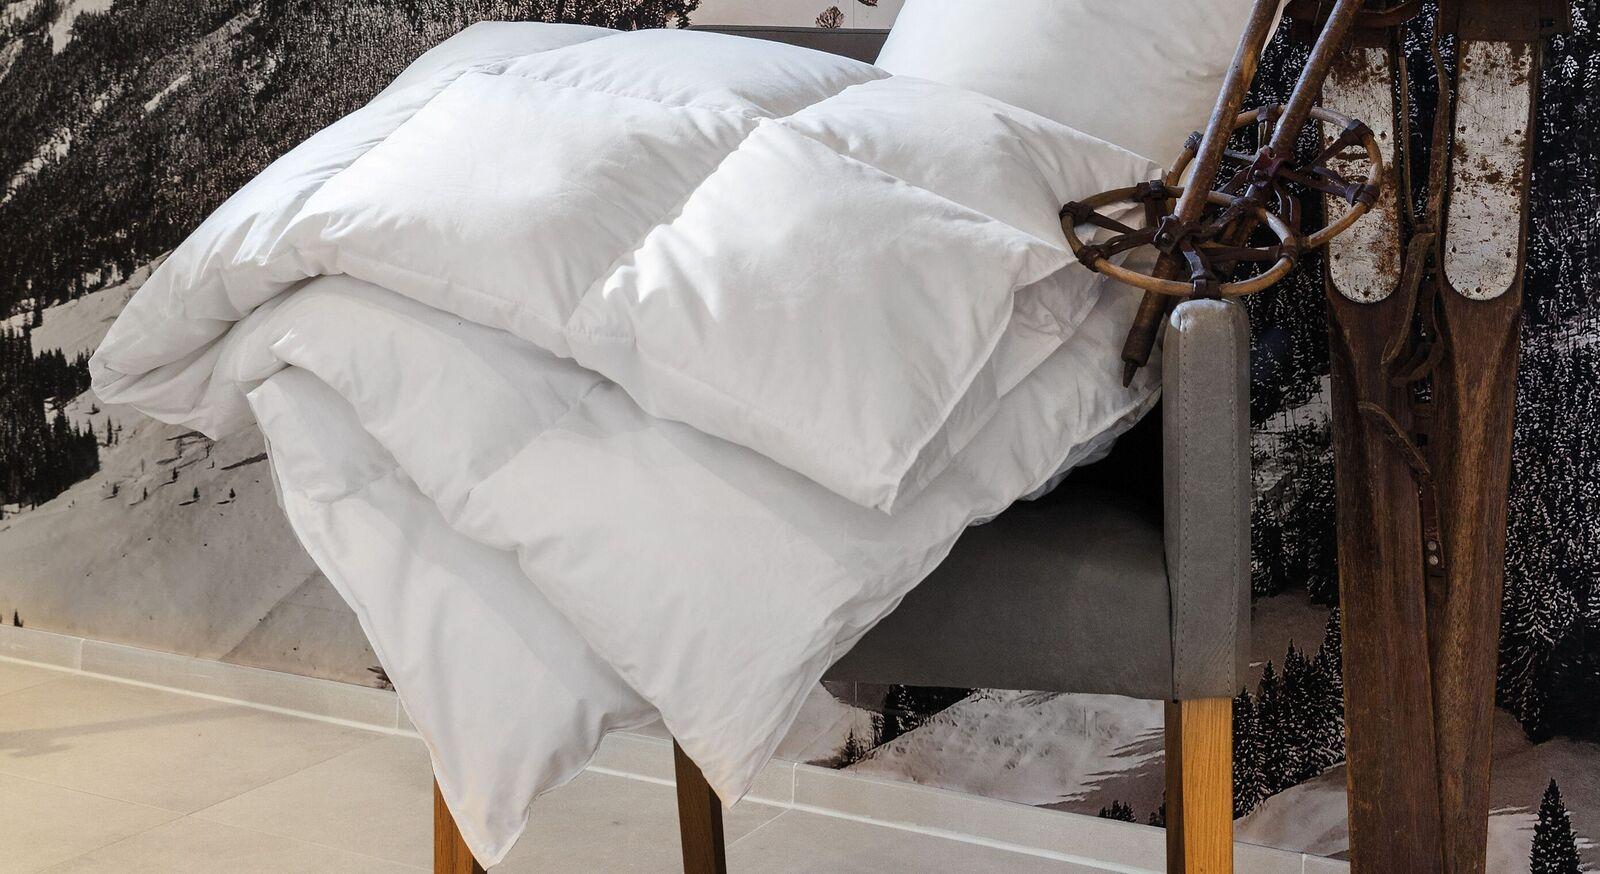 Daunen-Bettdecke Centa Star Moments warm mit Kassettensteppung